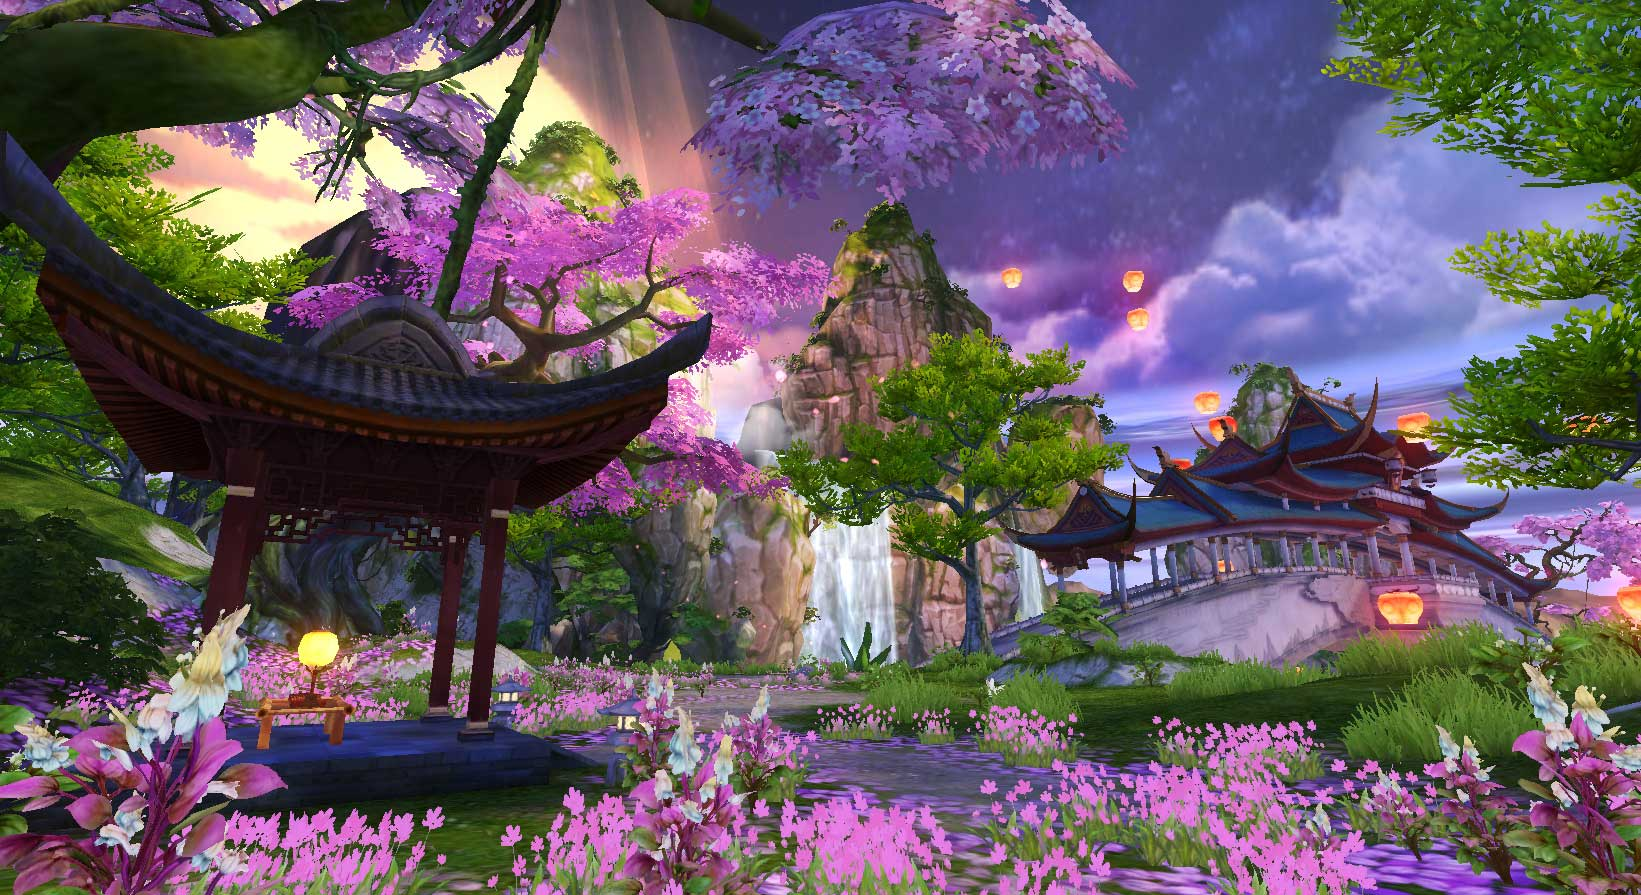 《天下》手游年末CG大片激情上线!大荒画面升级引入高能黑科技!